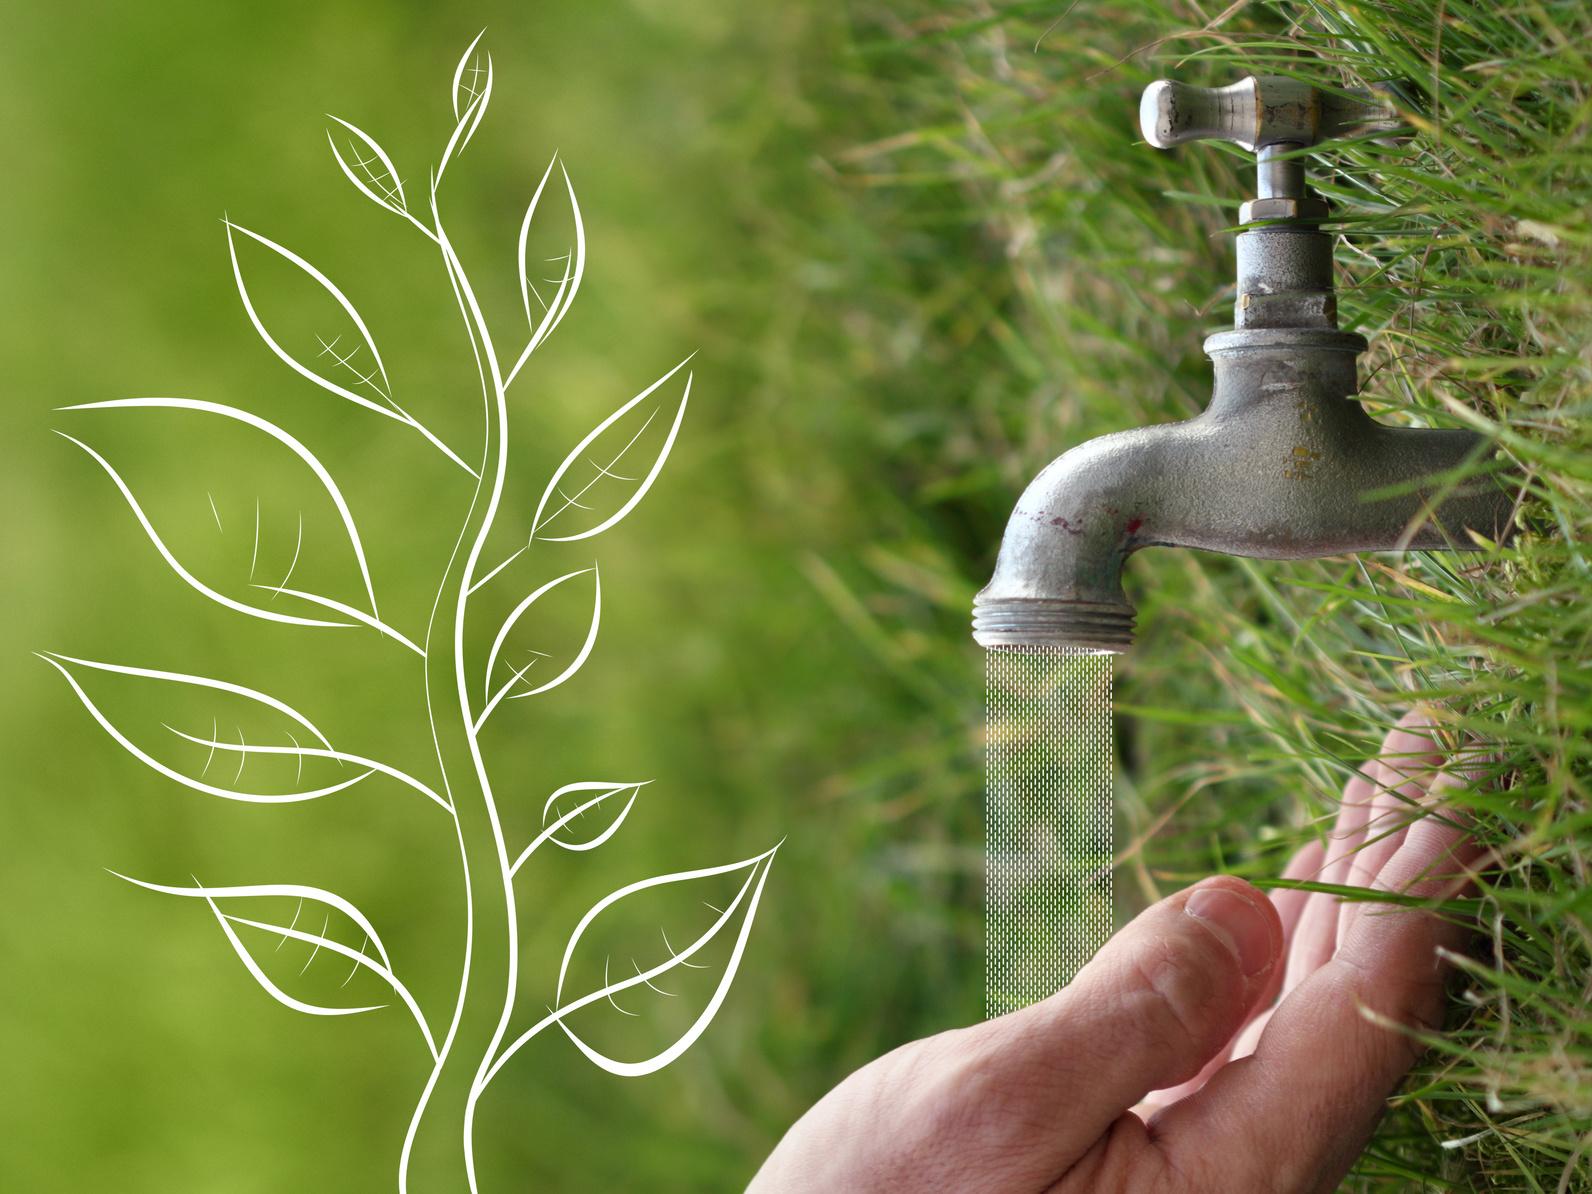 Comment économiser près de 200 litres d'eau par jour et par foyer ?